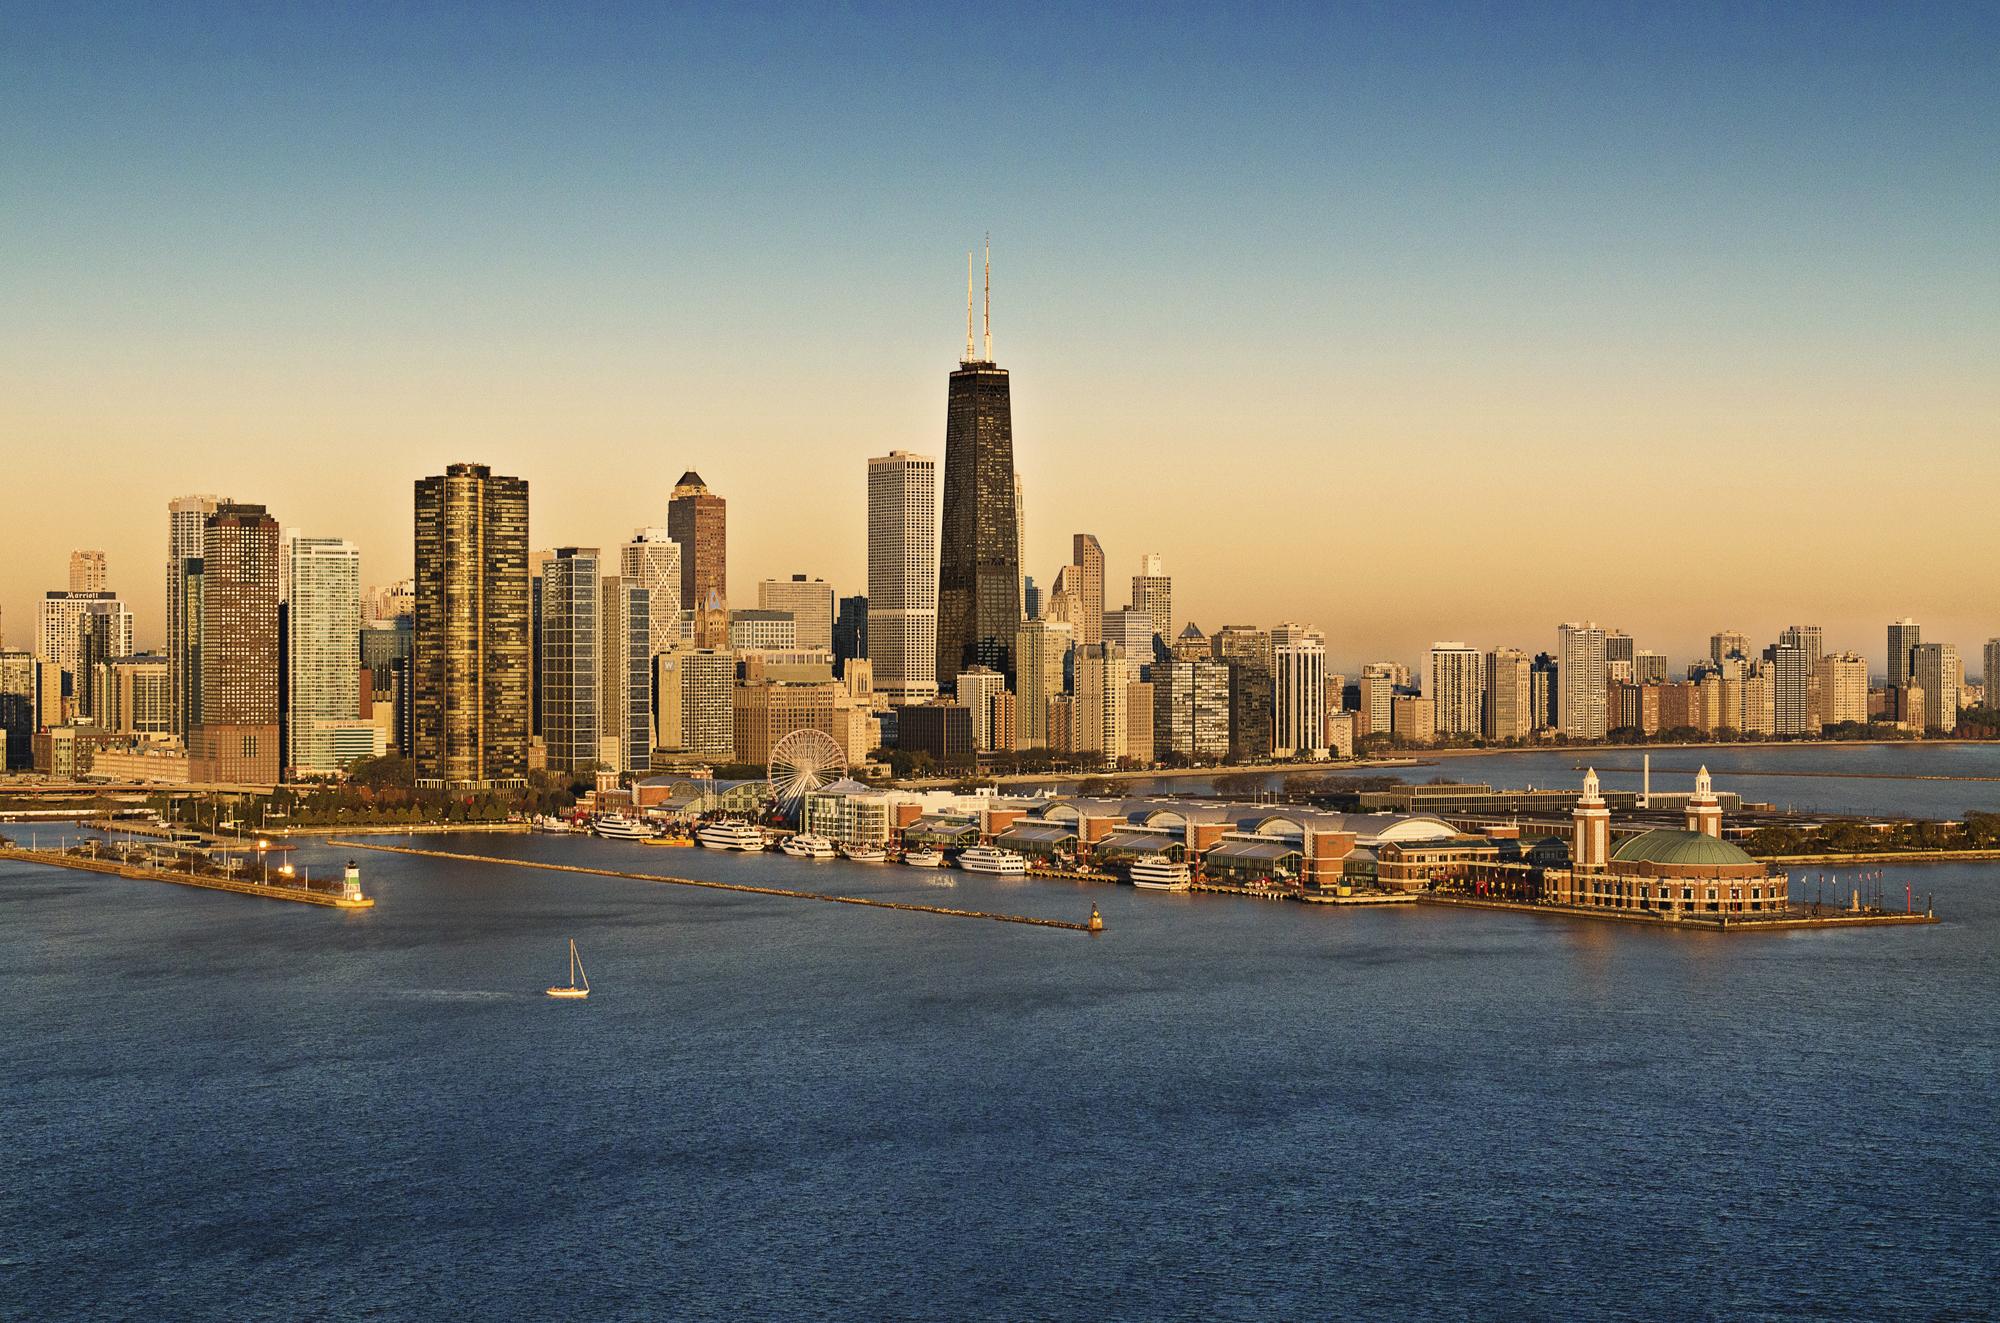 Ночной порт в Чикаго  № 3504522 загрузить